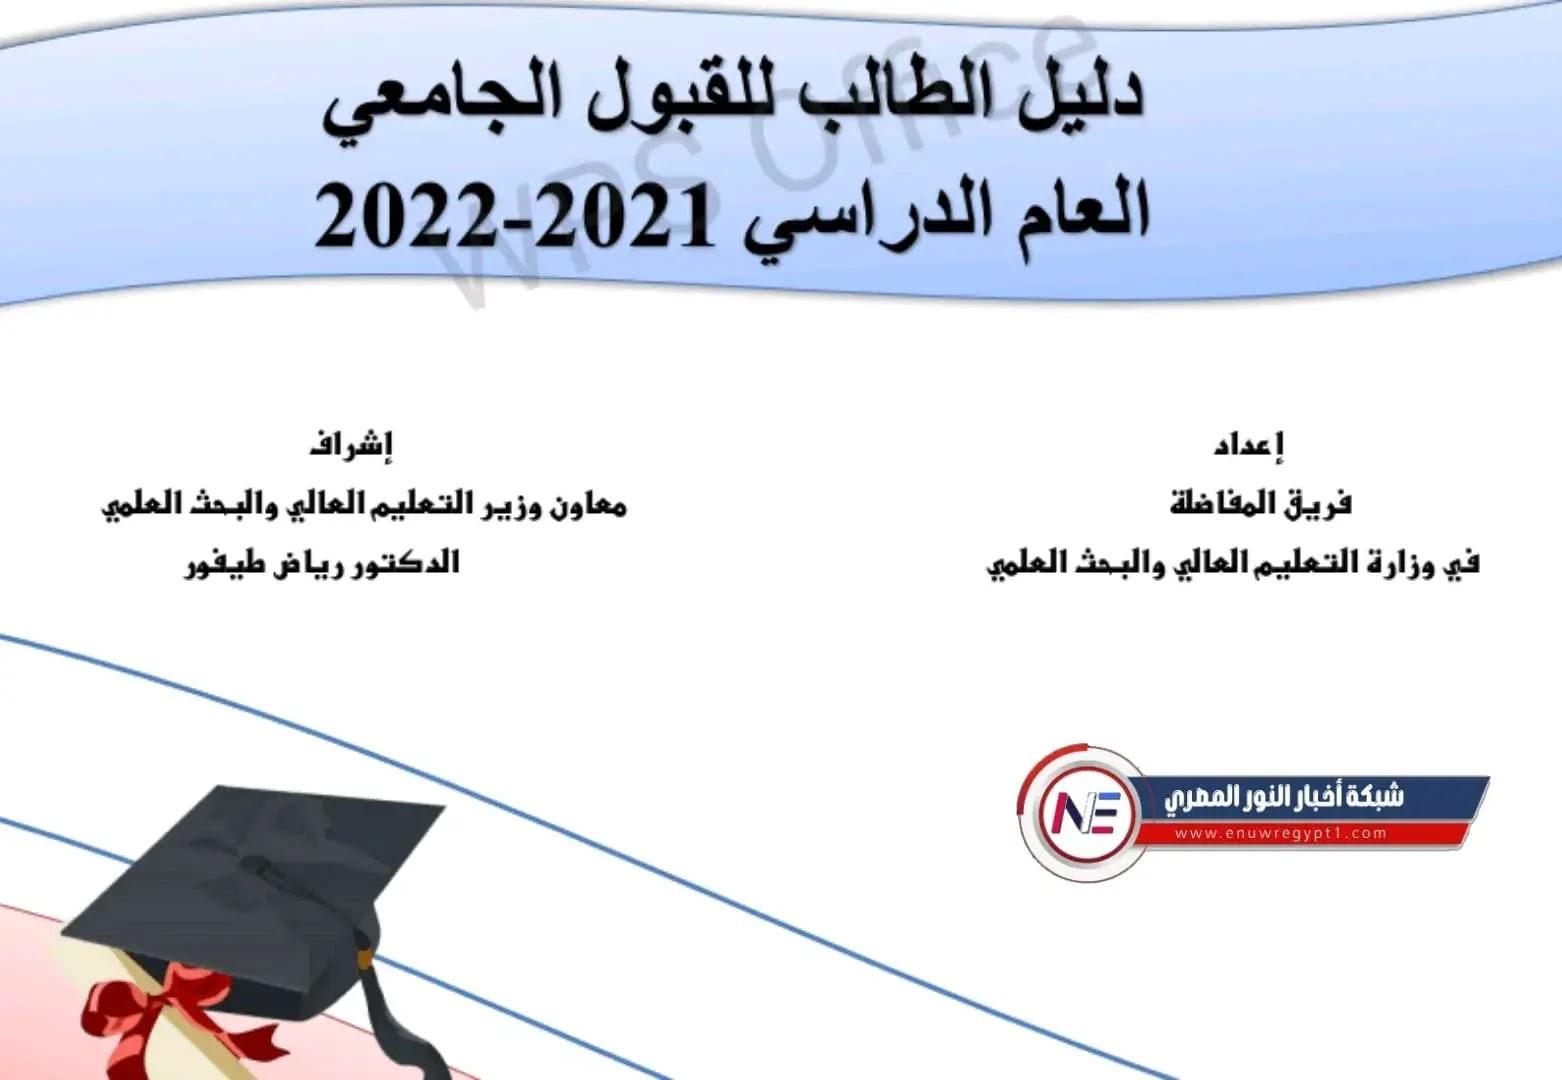 دليل الطالب للقبول الجامعي 2021-2022   نتائج المفاضلة العامة والحد الادني للقبول الجامعي لطلاب البكالوريا 2021 عبر موقع وزارة التعليم العالي